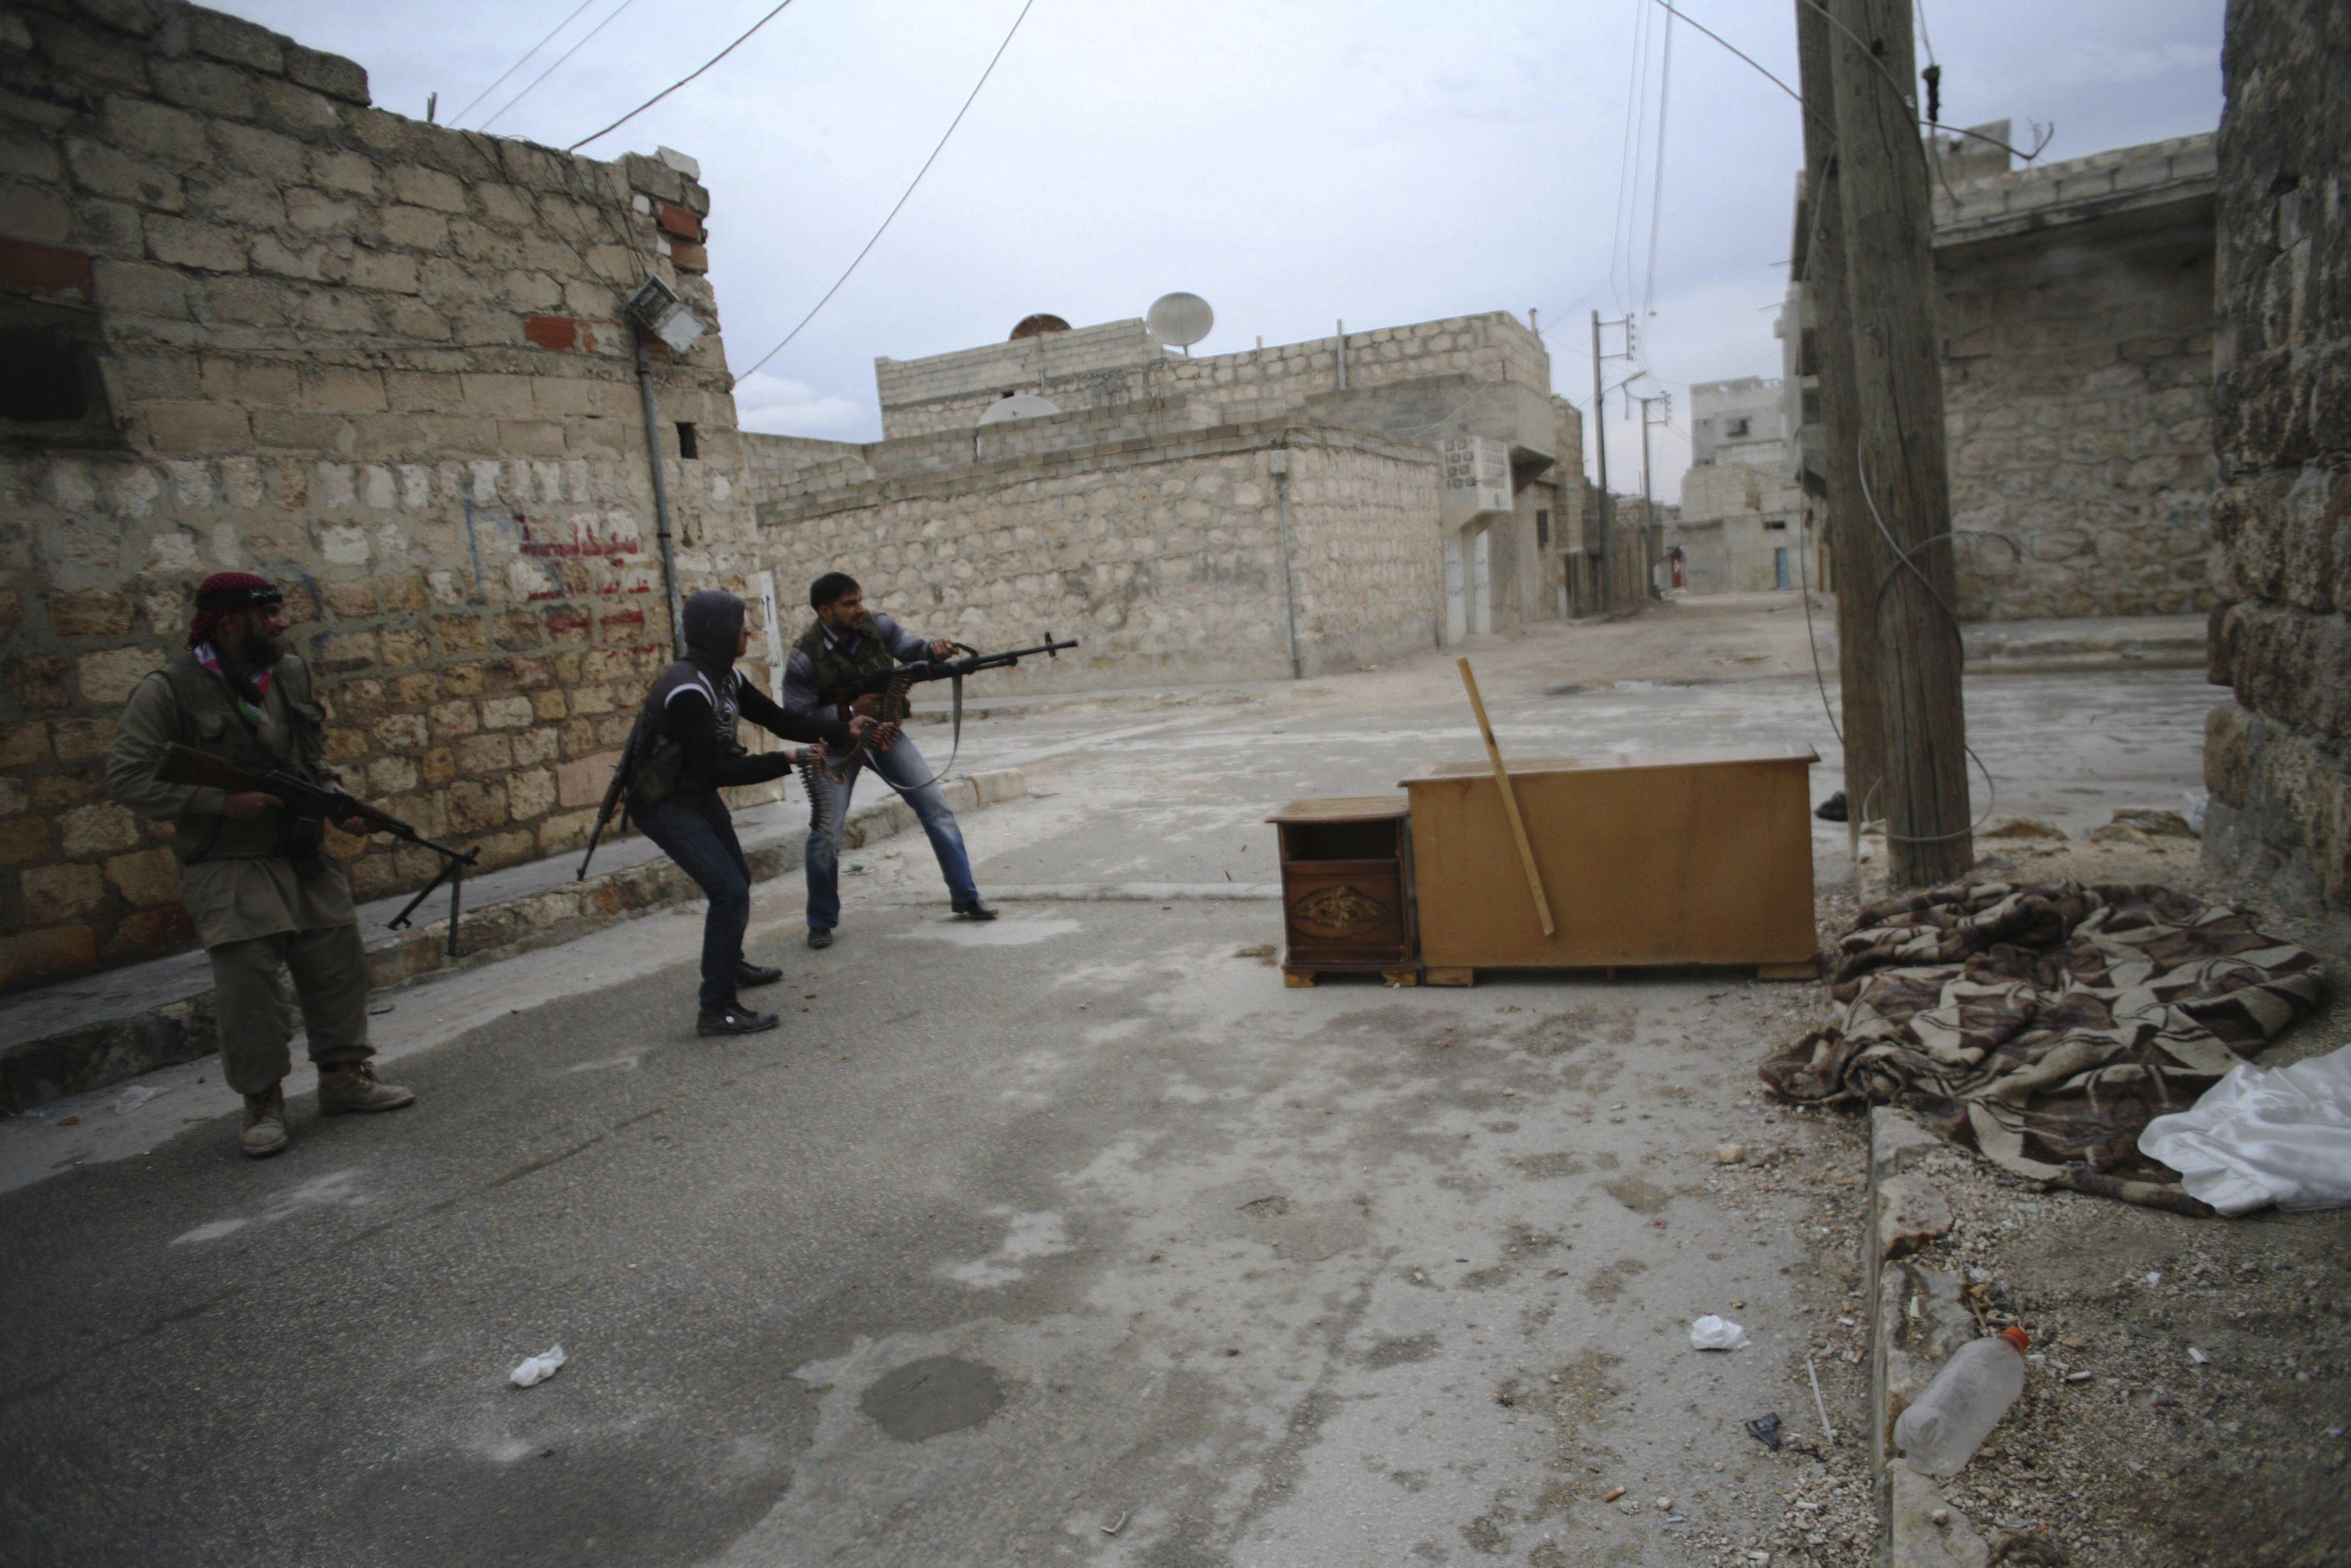 EEUU cifra en 7.000 el número de extranjeros combatiendo en Siria